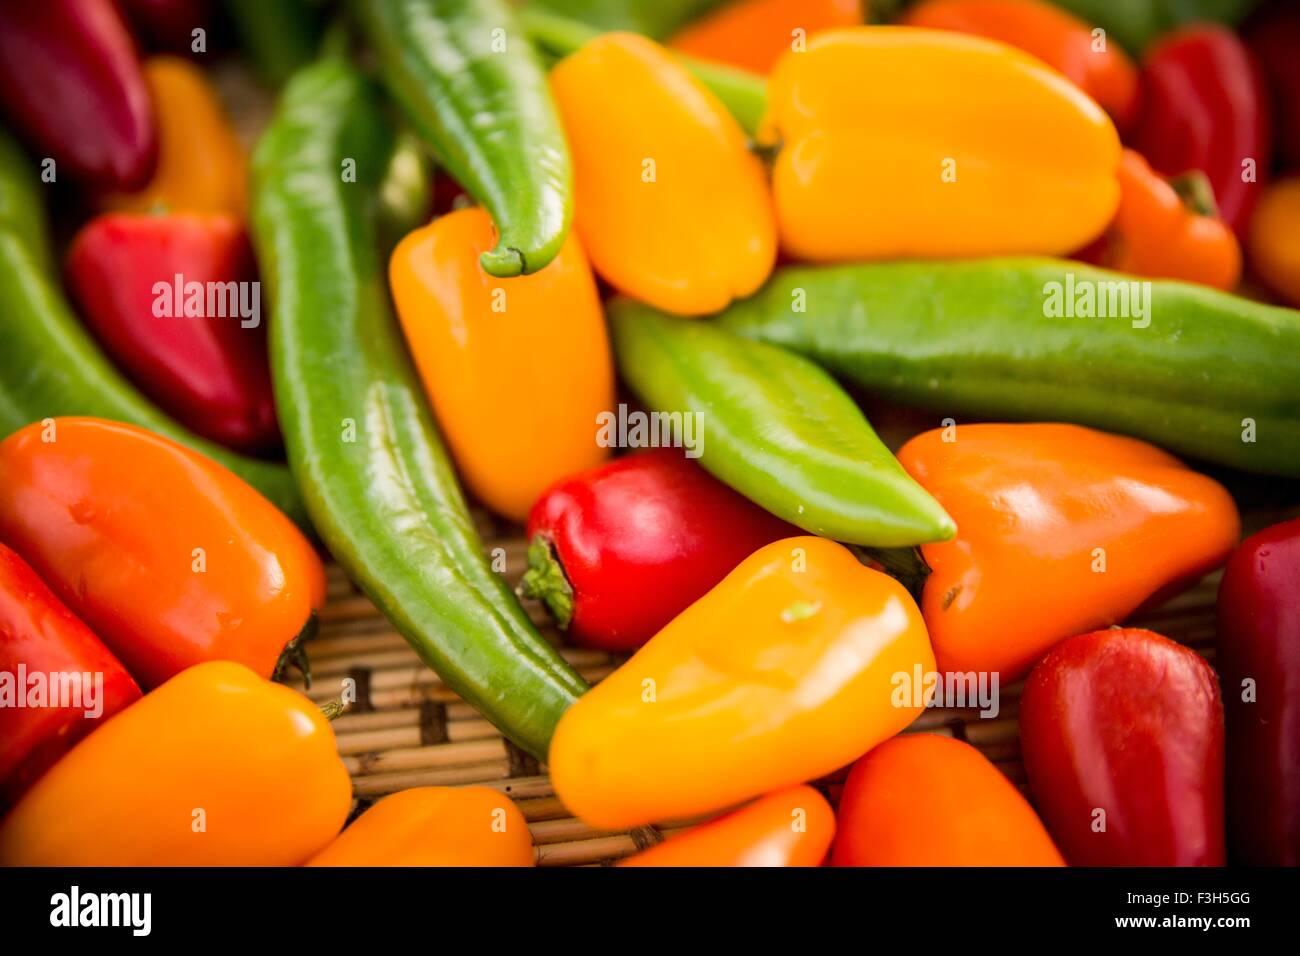 Selección de coloridos pimientos, full frame, close-up Imagen De Stock